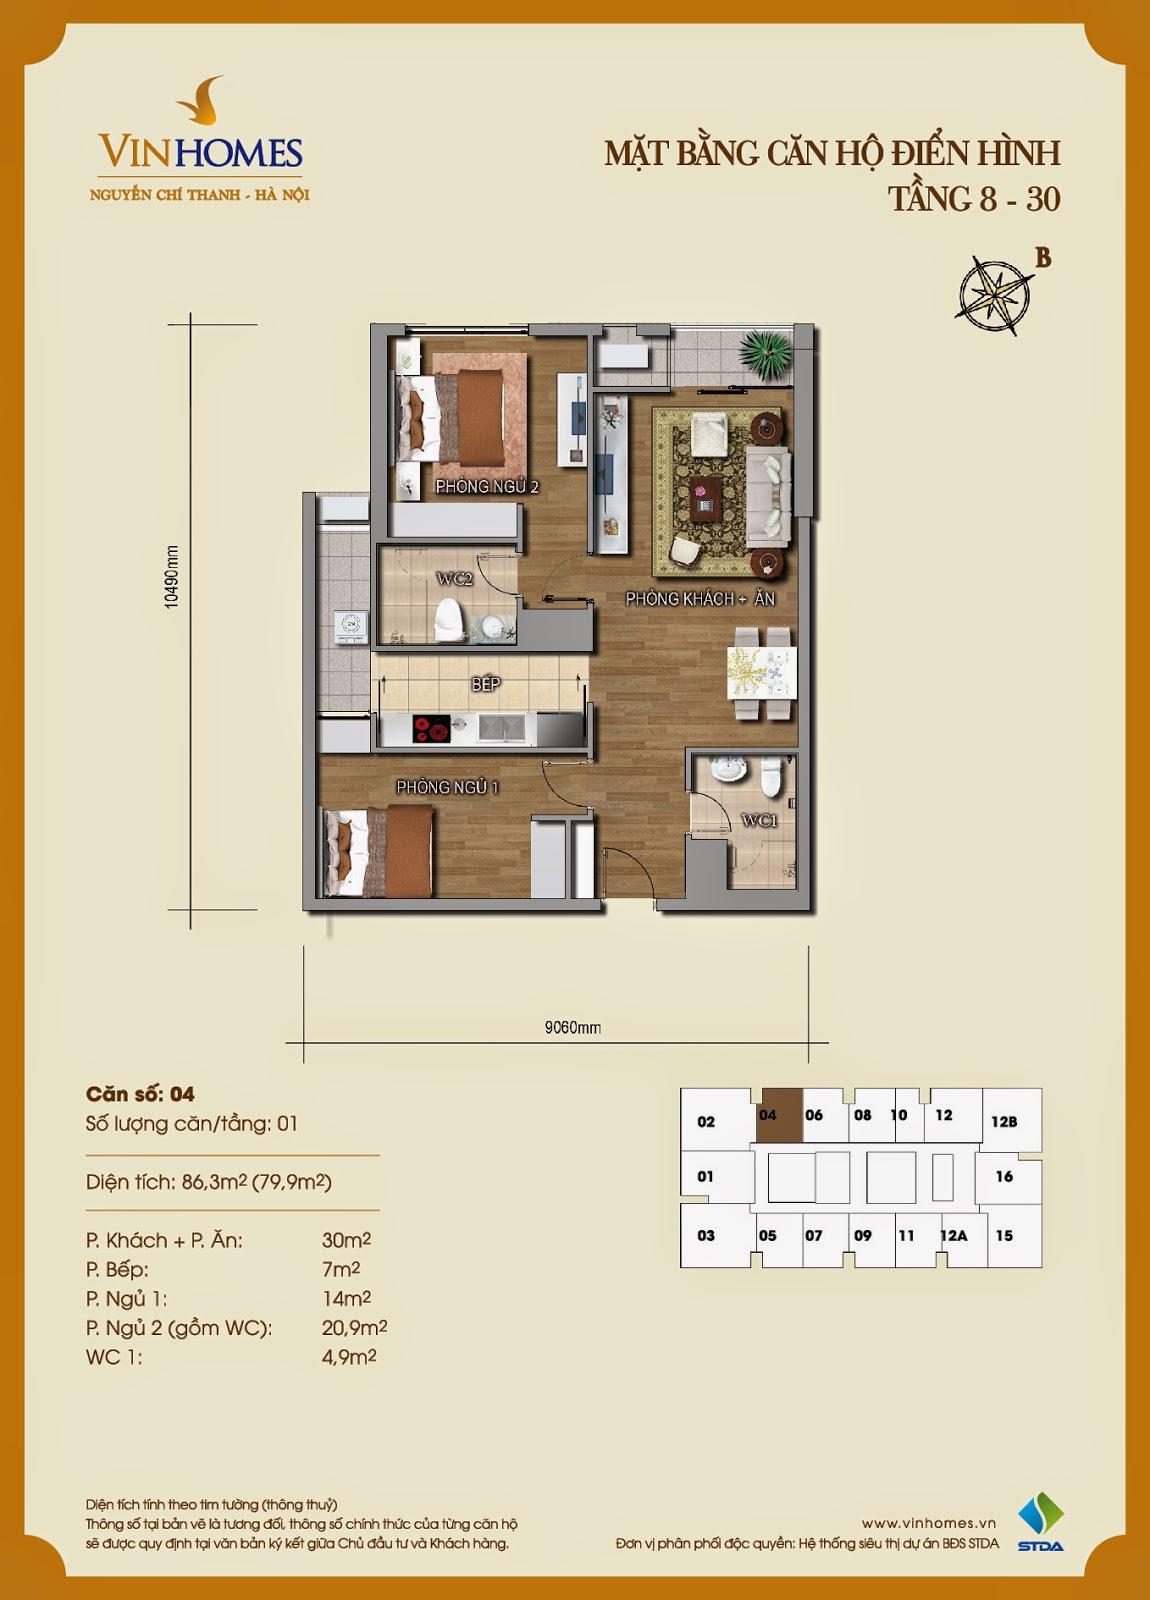 Mặt bằng chi tiết căn hộ 04 Vinhomes Nguyễn Chí Thanh